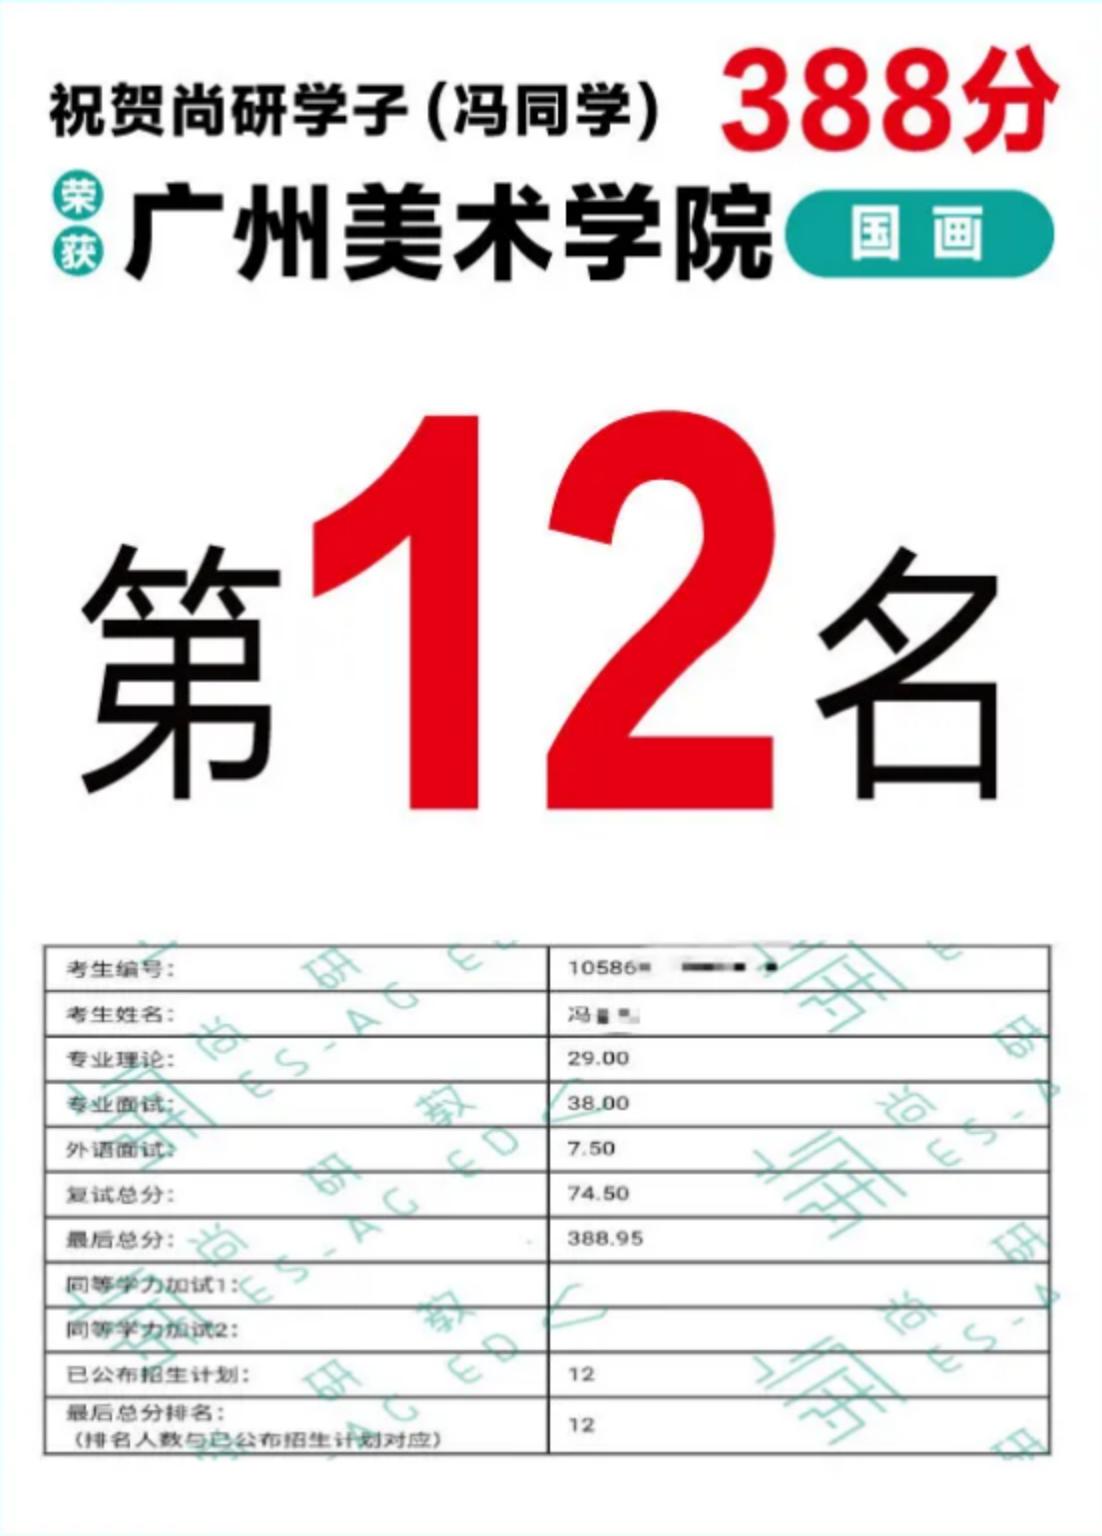 国画山水【广美考研】高分学习攻略!